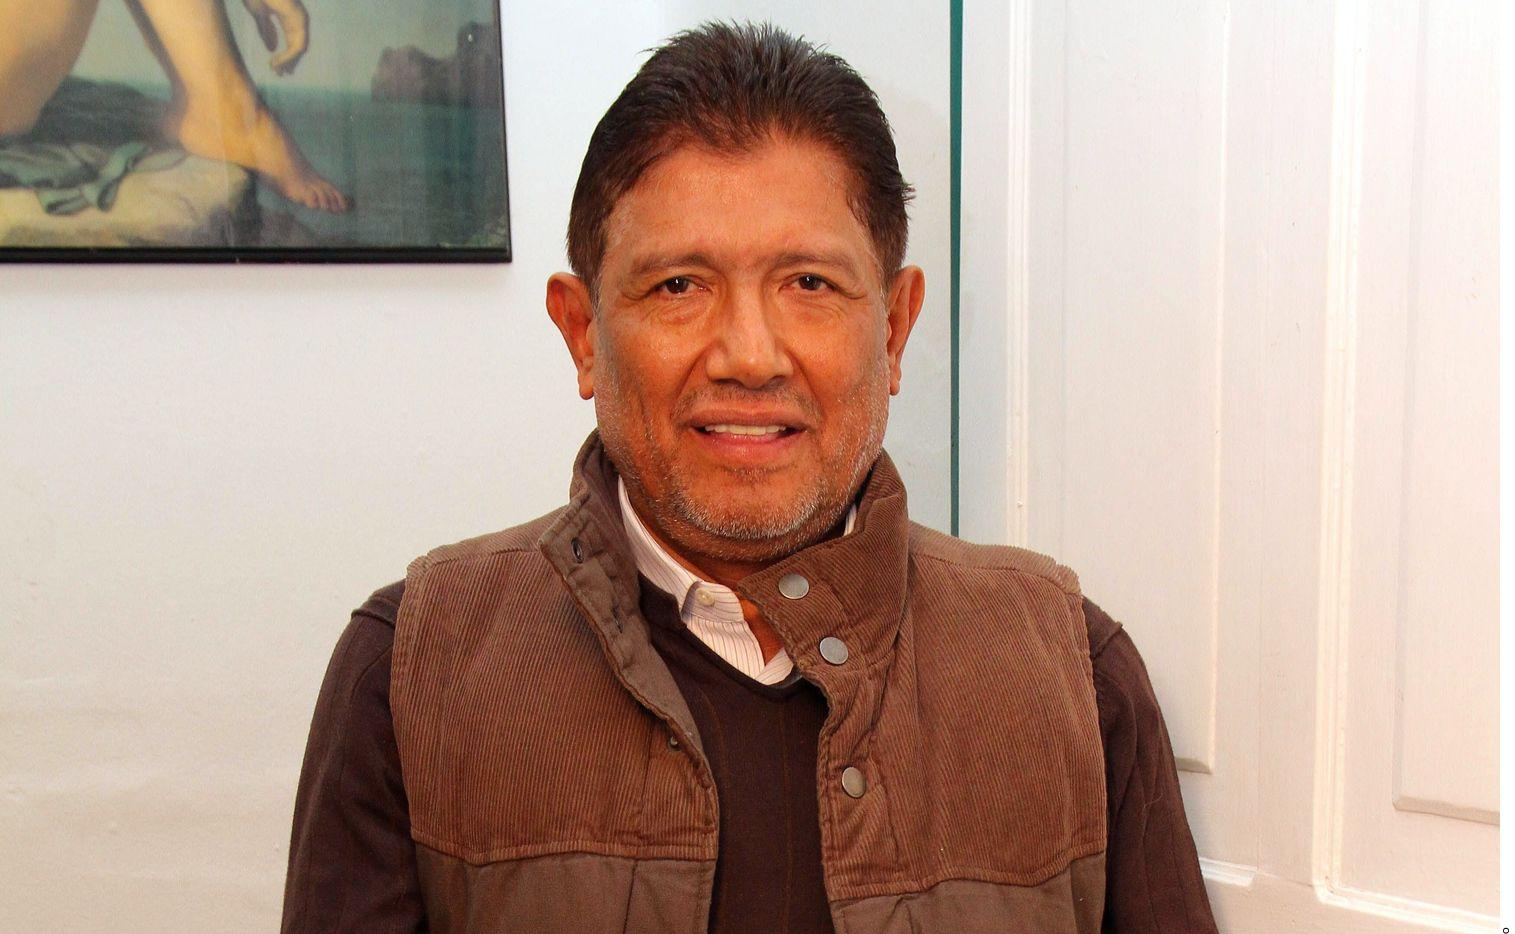 El productor Juan Osorio fue asaltado y golpeado este domingo por la tarde en su casa en Ciudad de México.